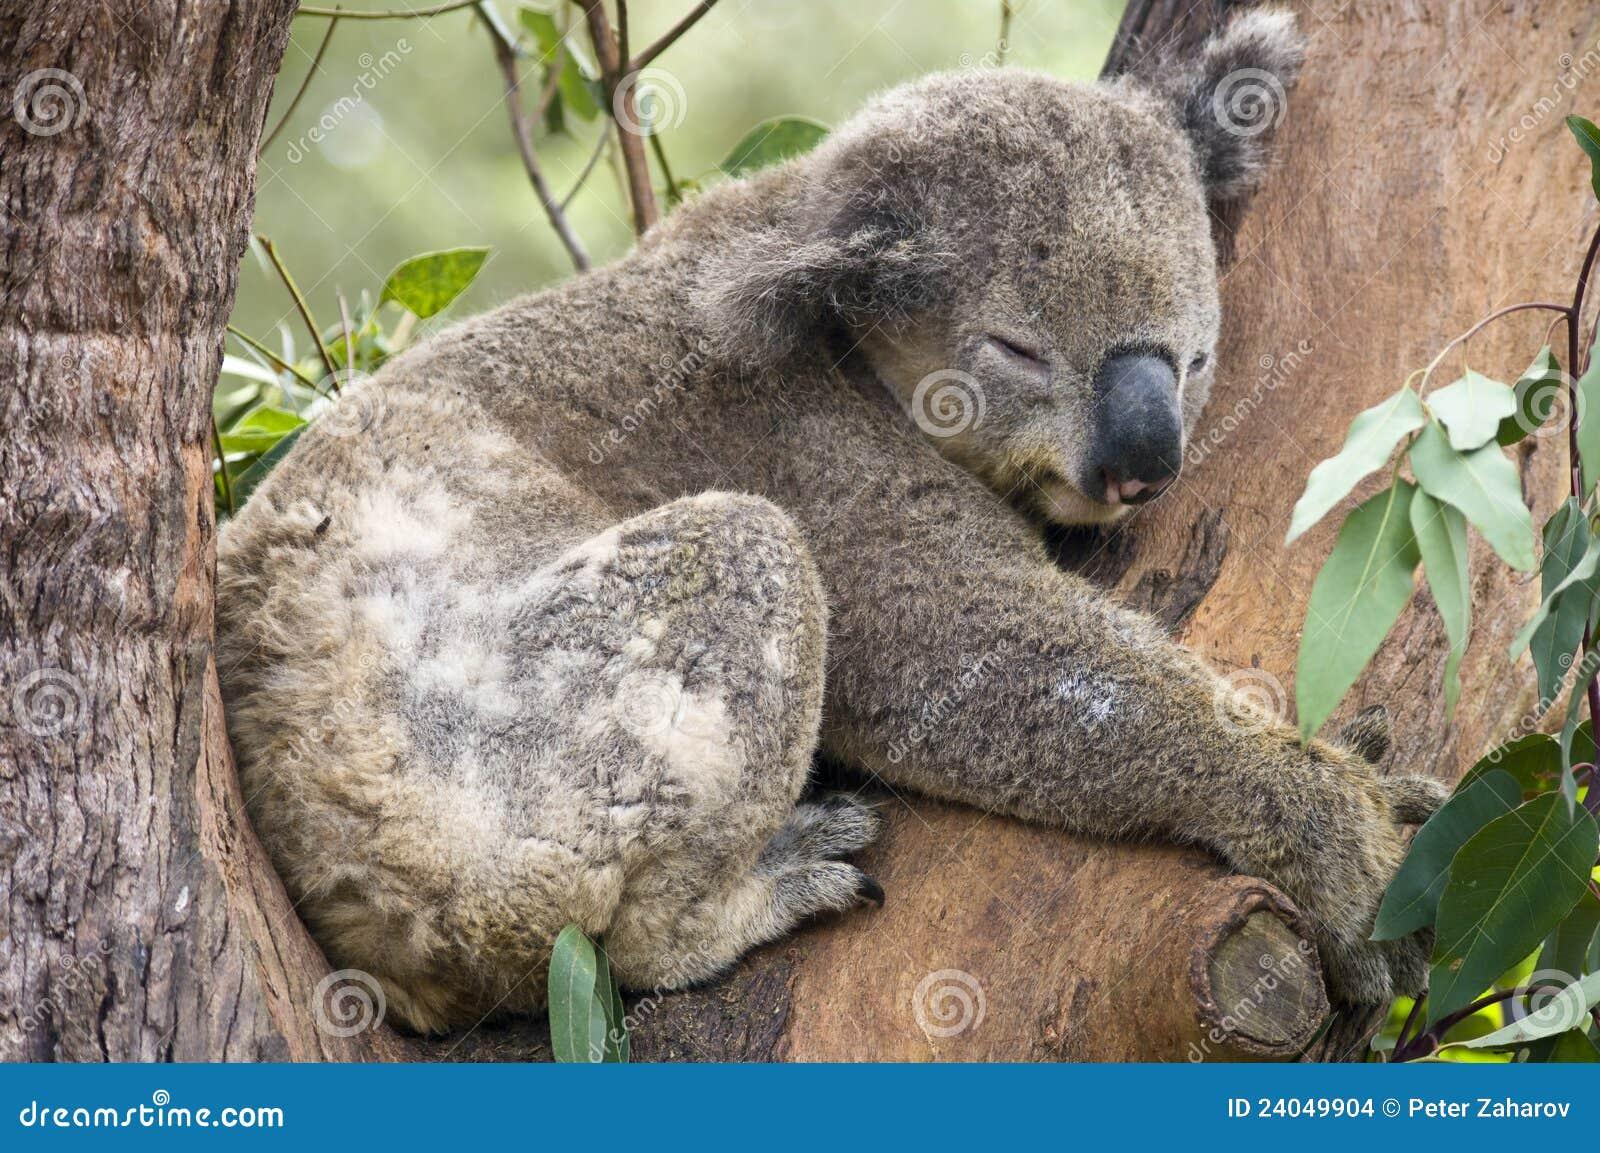 Koala Bea, Sydney, Austrália.